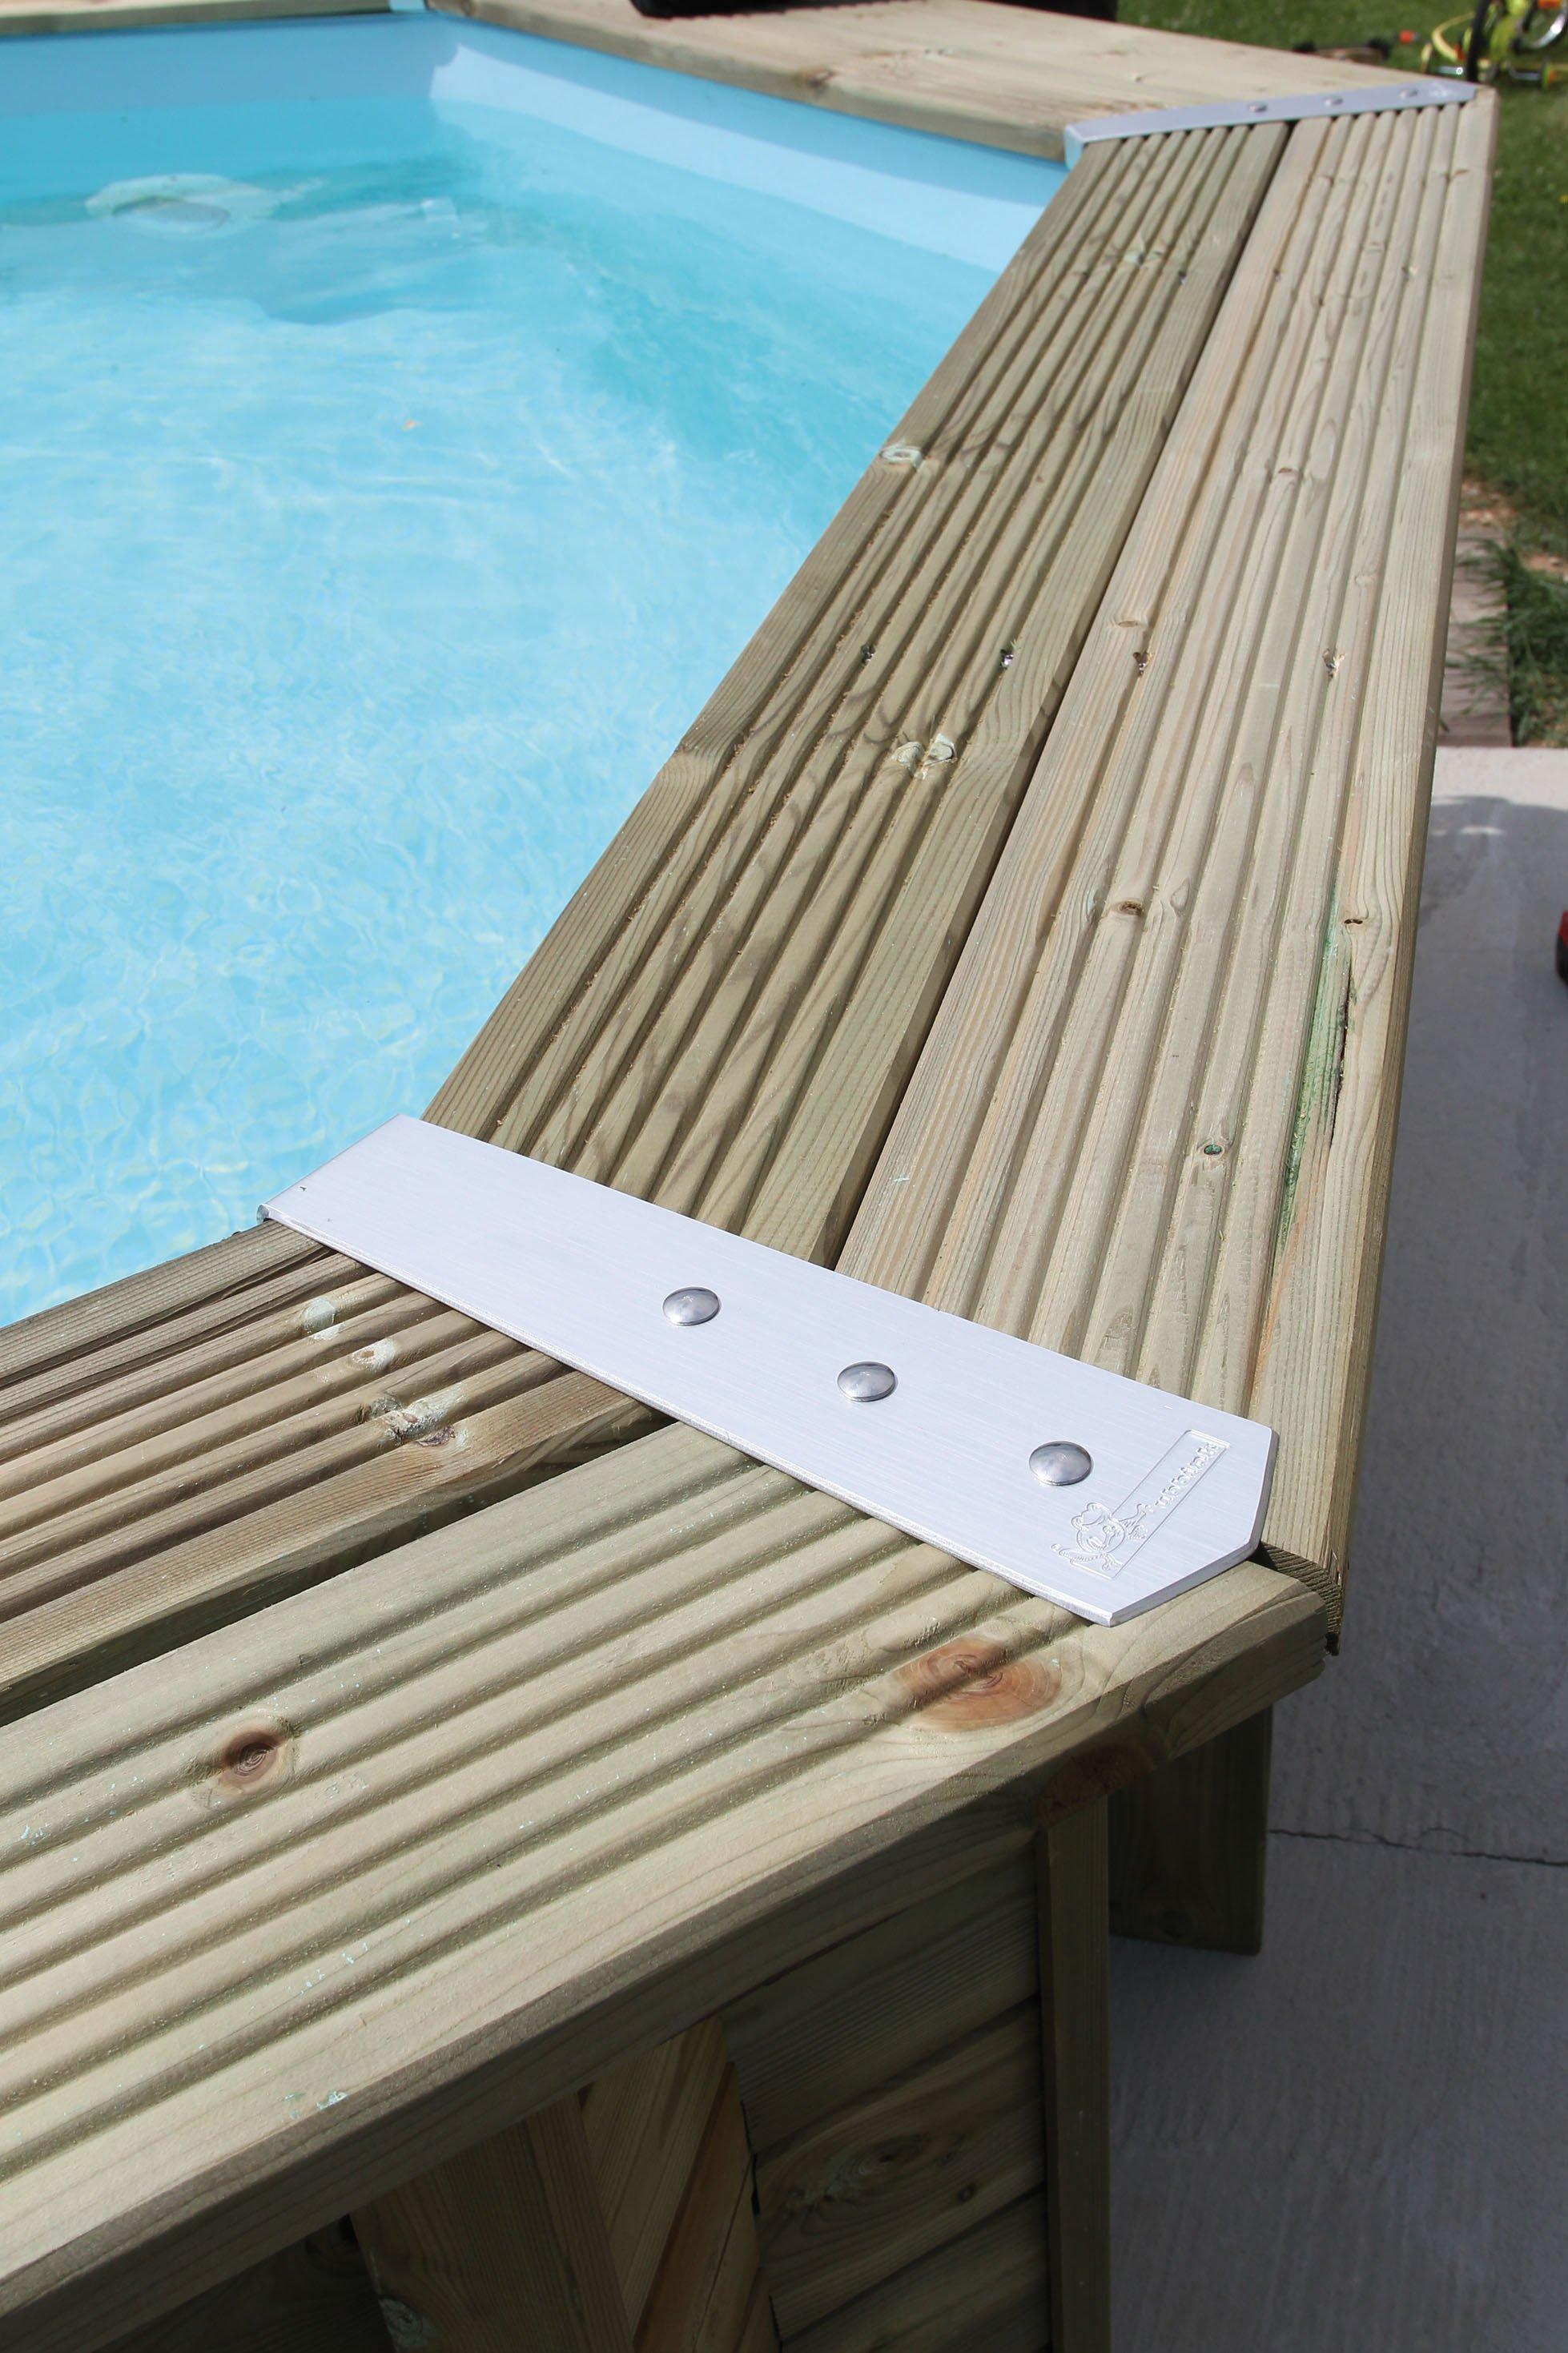 Piscine bois ocea 610x400x130 liner bleu piscine hors for Piscine hors sol bois destockage